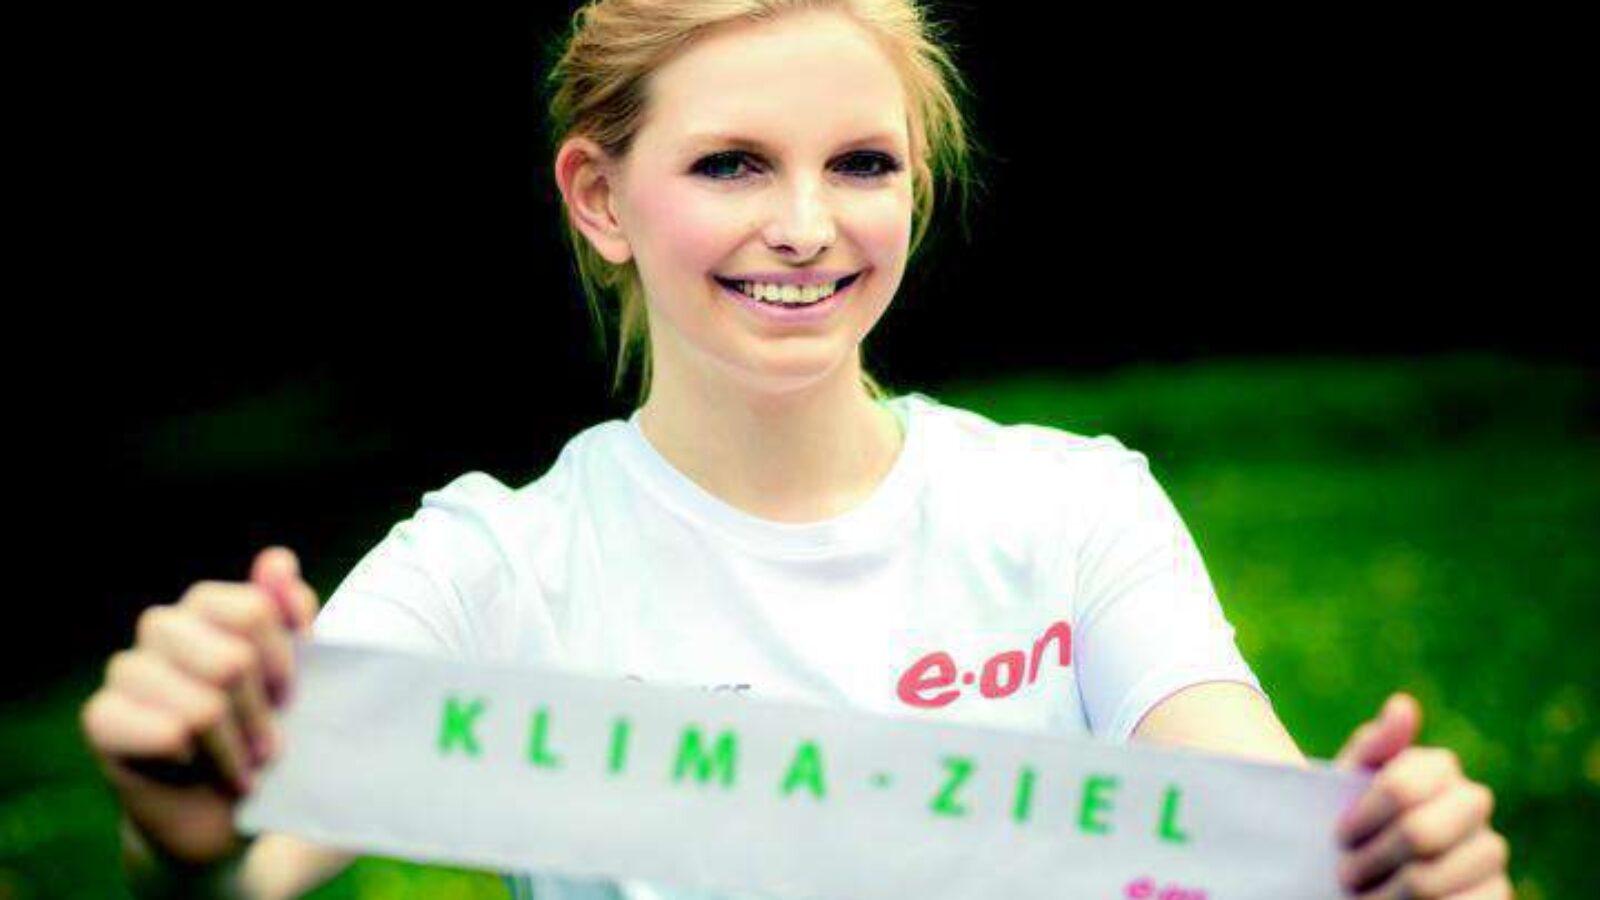 E.ON Halbmarathon